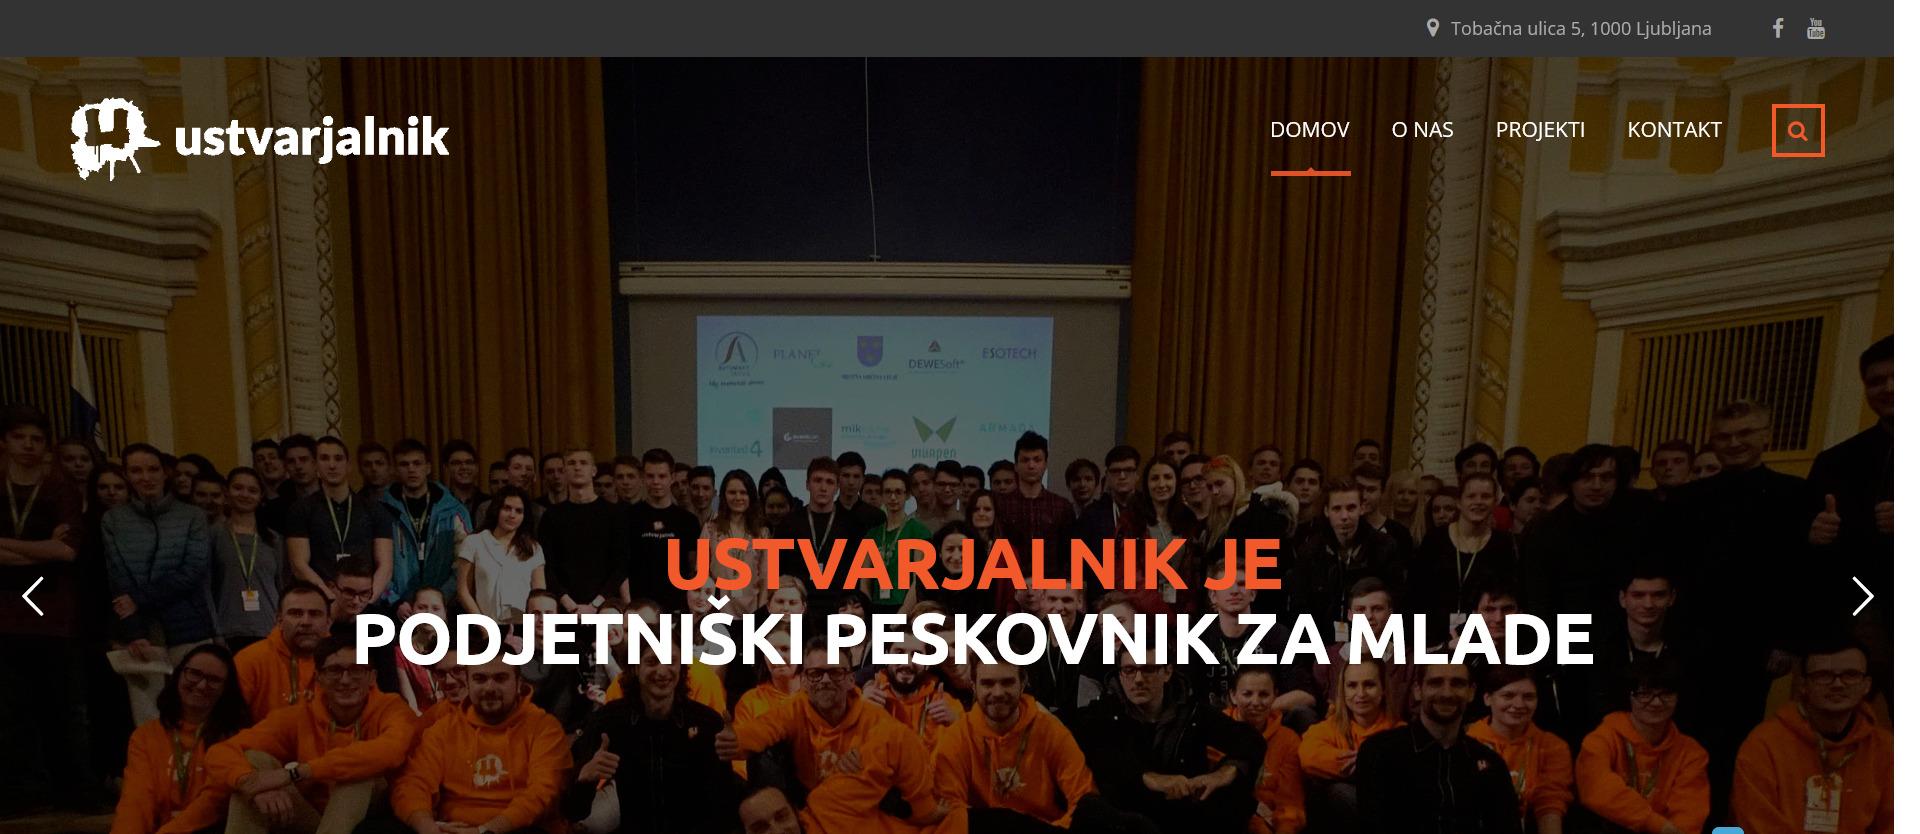 Ustvarjalnik.org